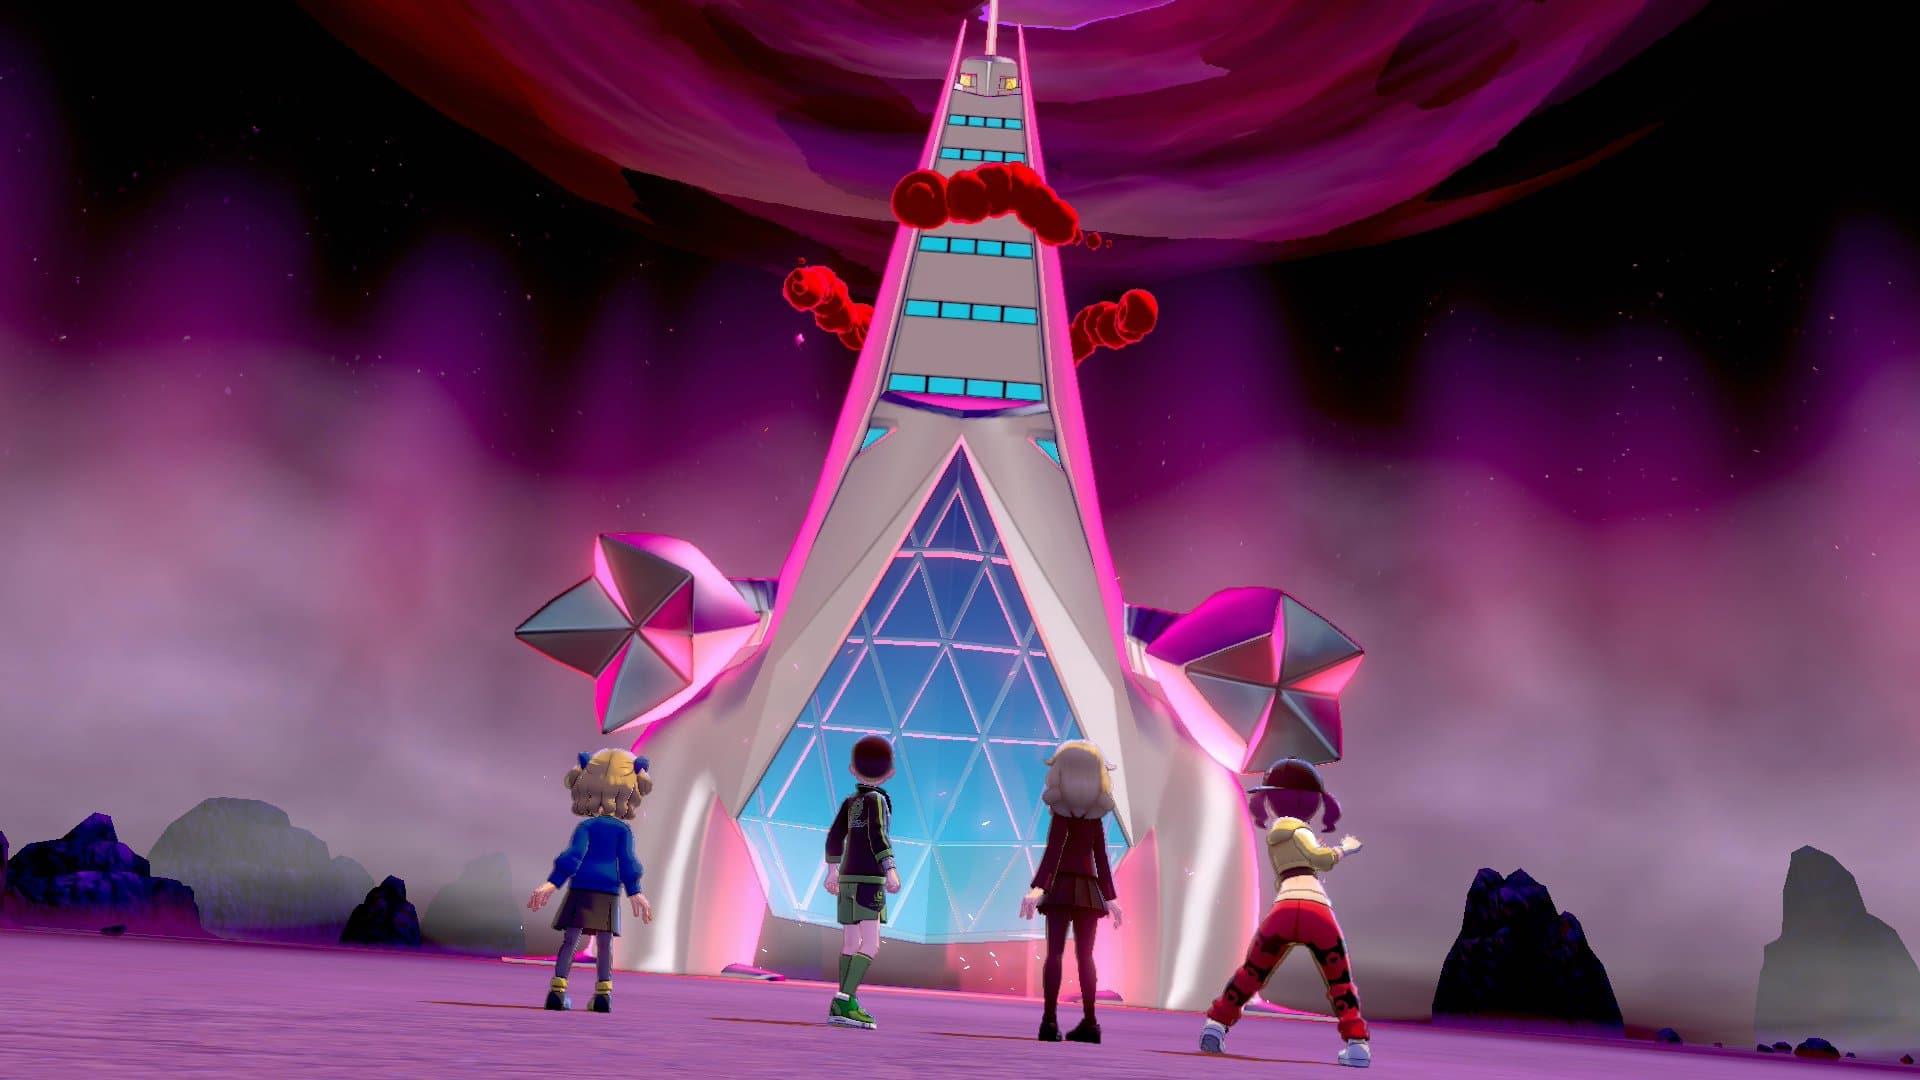 Charizard, Copperajah, Duraludon y Garbodor Gigamax protagonizan el nuevo evento de incursiones en Pokémon Espada y Escudo